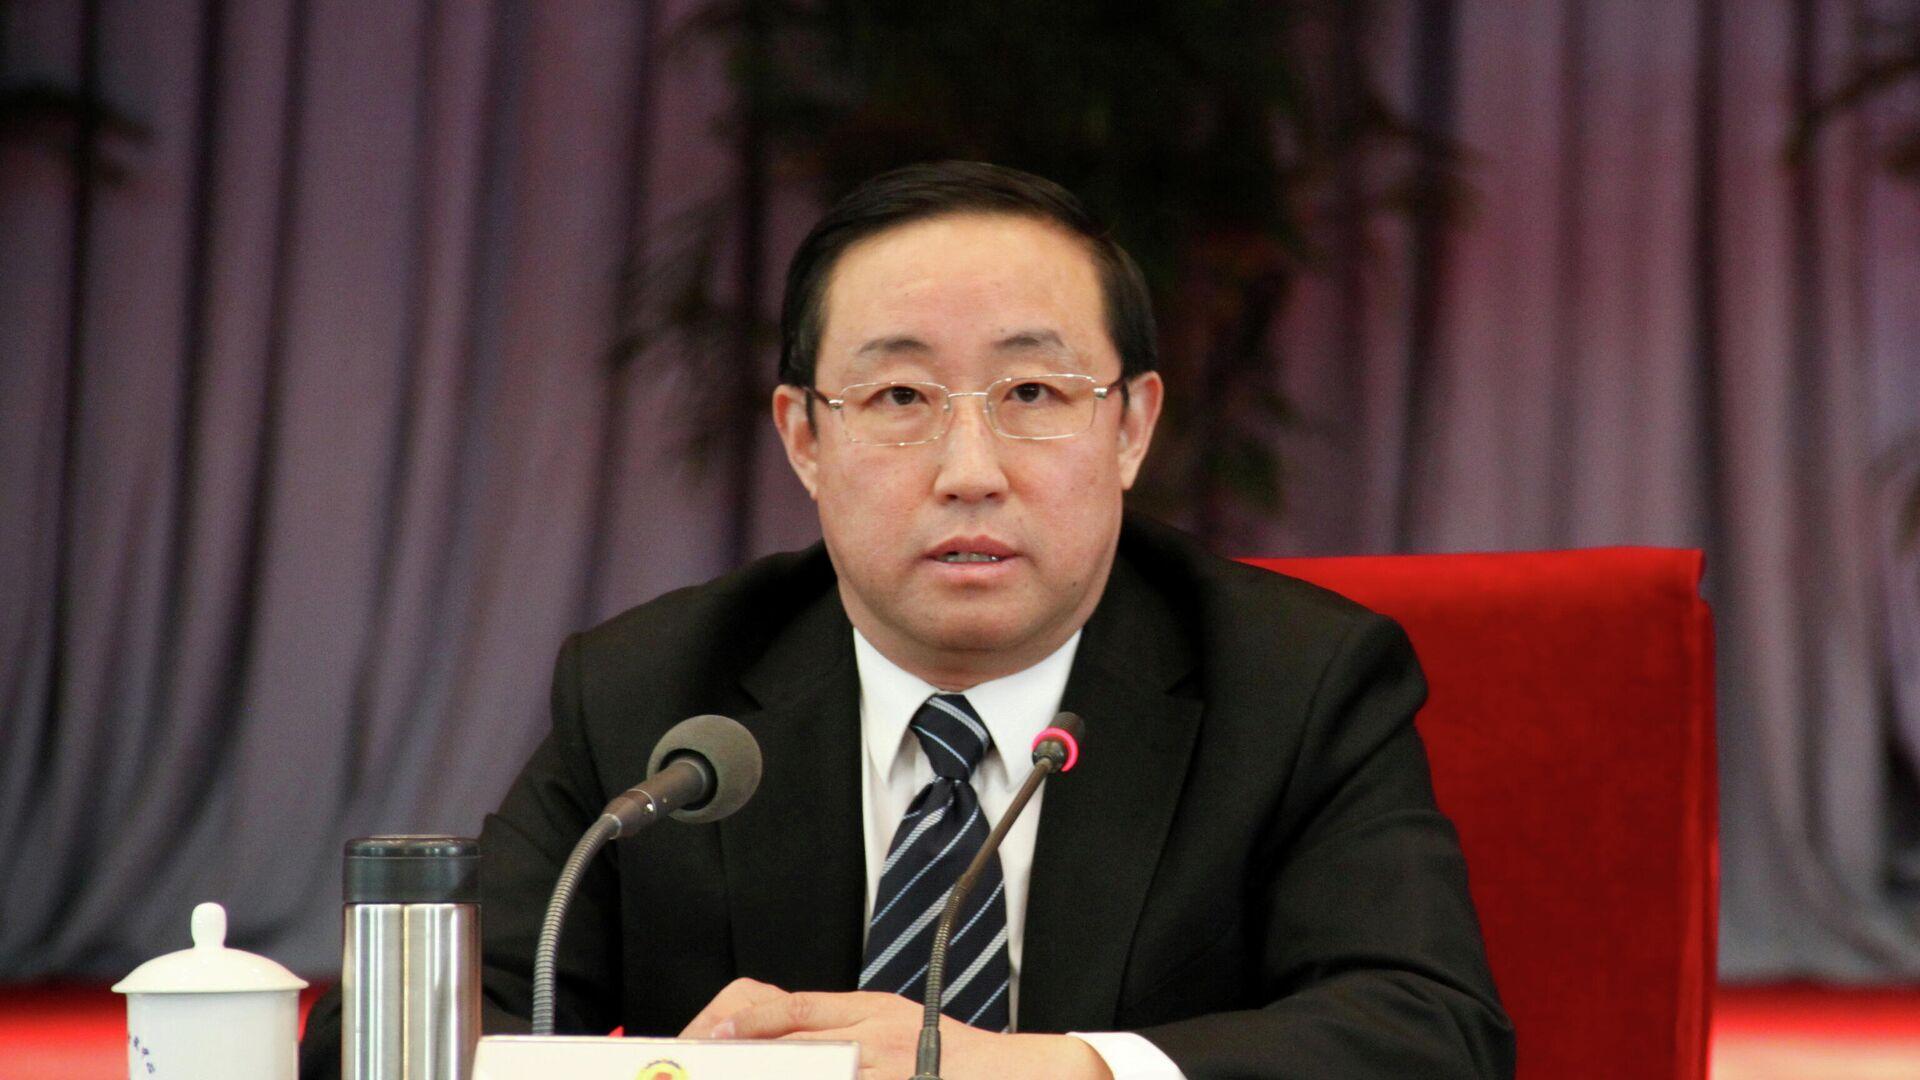 Der ehemalige chinesische Justizminister Fu Zhenghua - SNA, 1920, 02.10.2021